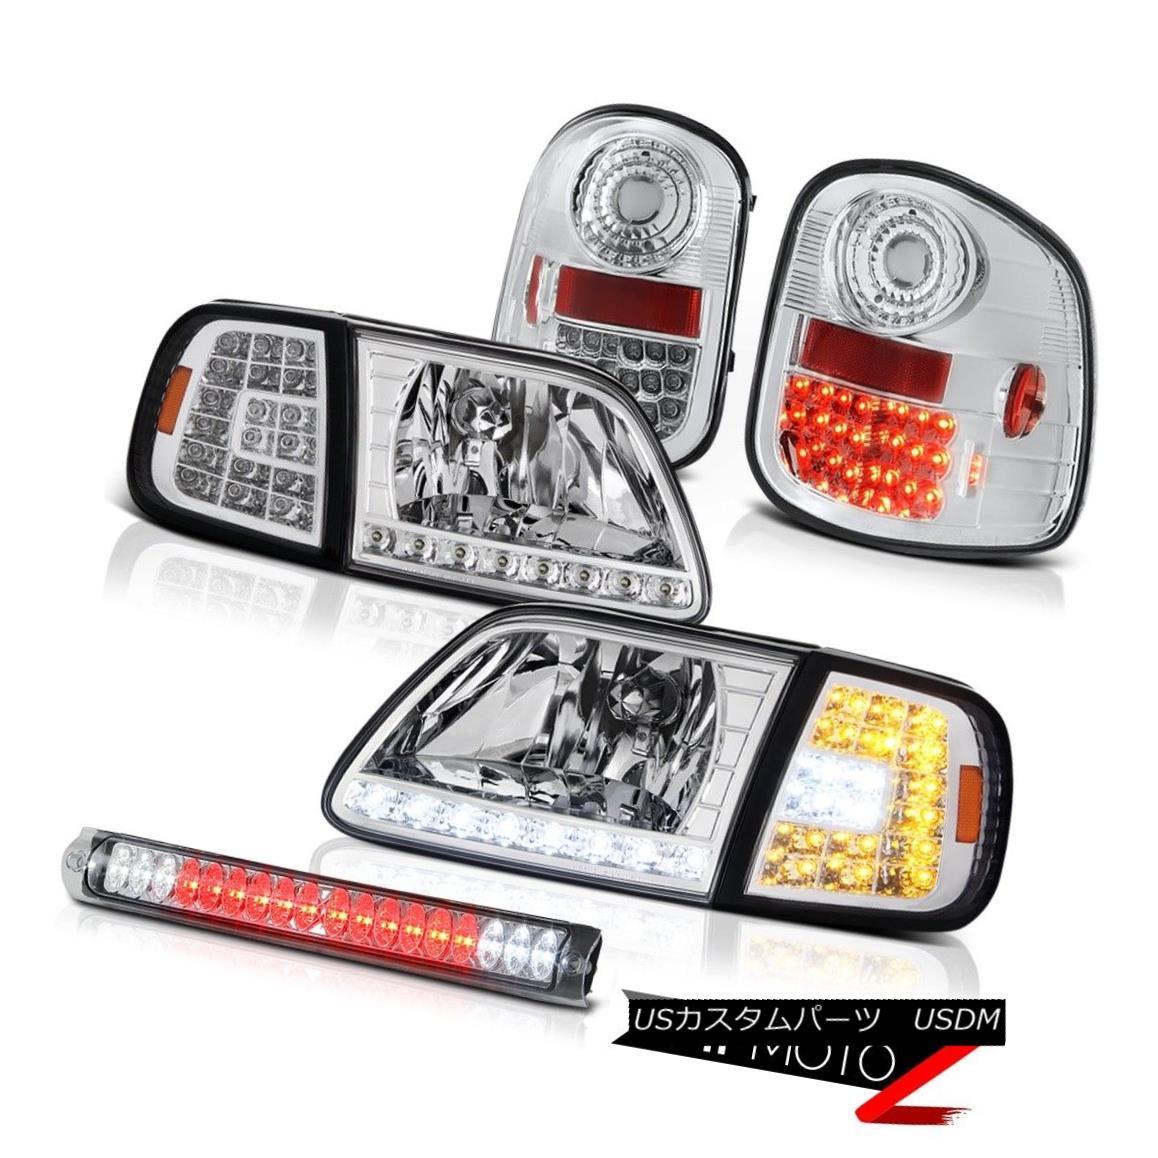 ヘッドライト Euro LED Headlights Tail Lights Brake Cargo 1997-2003 F150 Flareside Lightning ユーロLEDヘッドライトテールライトブレーキカーゴ1997-2003 F150 Flareside Lightning